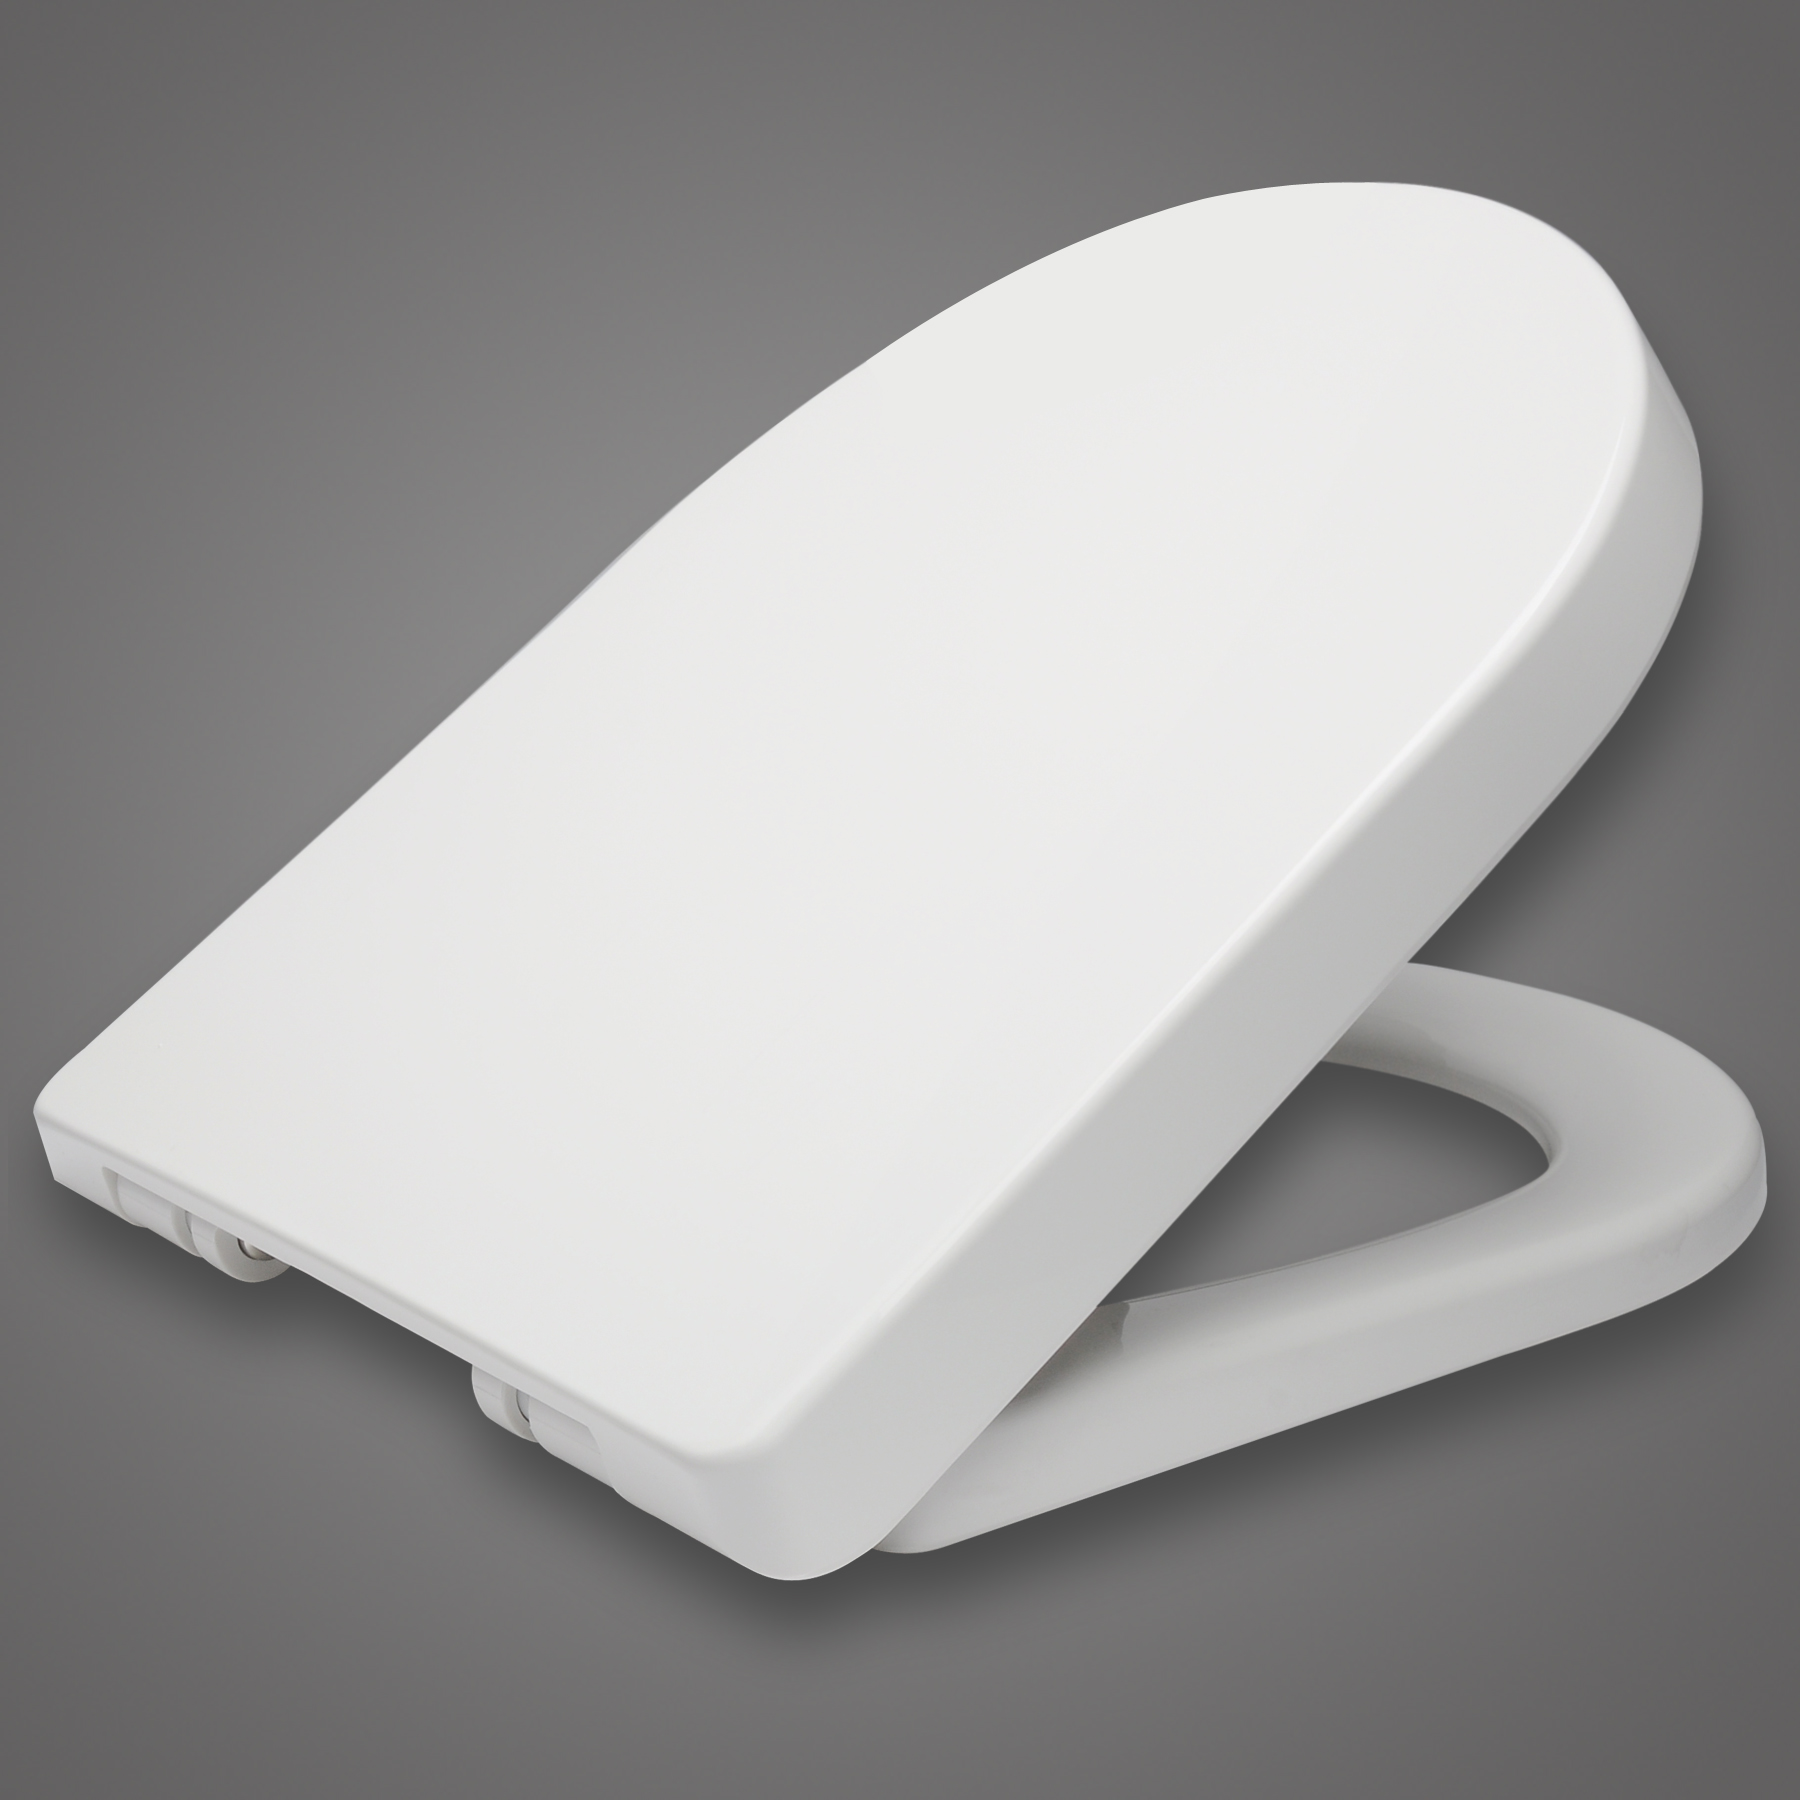 toilettensitz wc deckel klodeckel mit absenkautomatik sitz brille wei 62 1 ebay. Black Bedroom Furniture Sets. Home Design Ideas